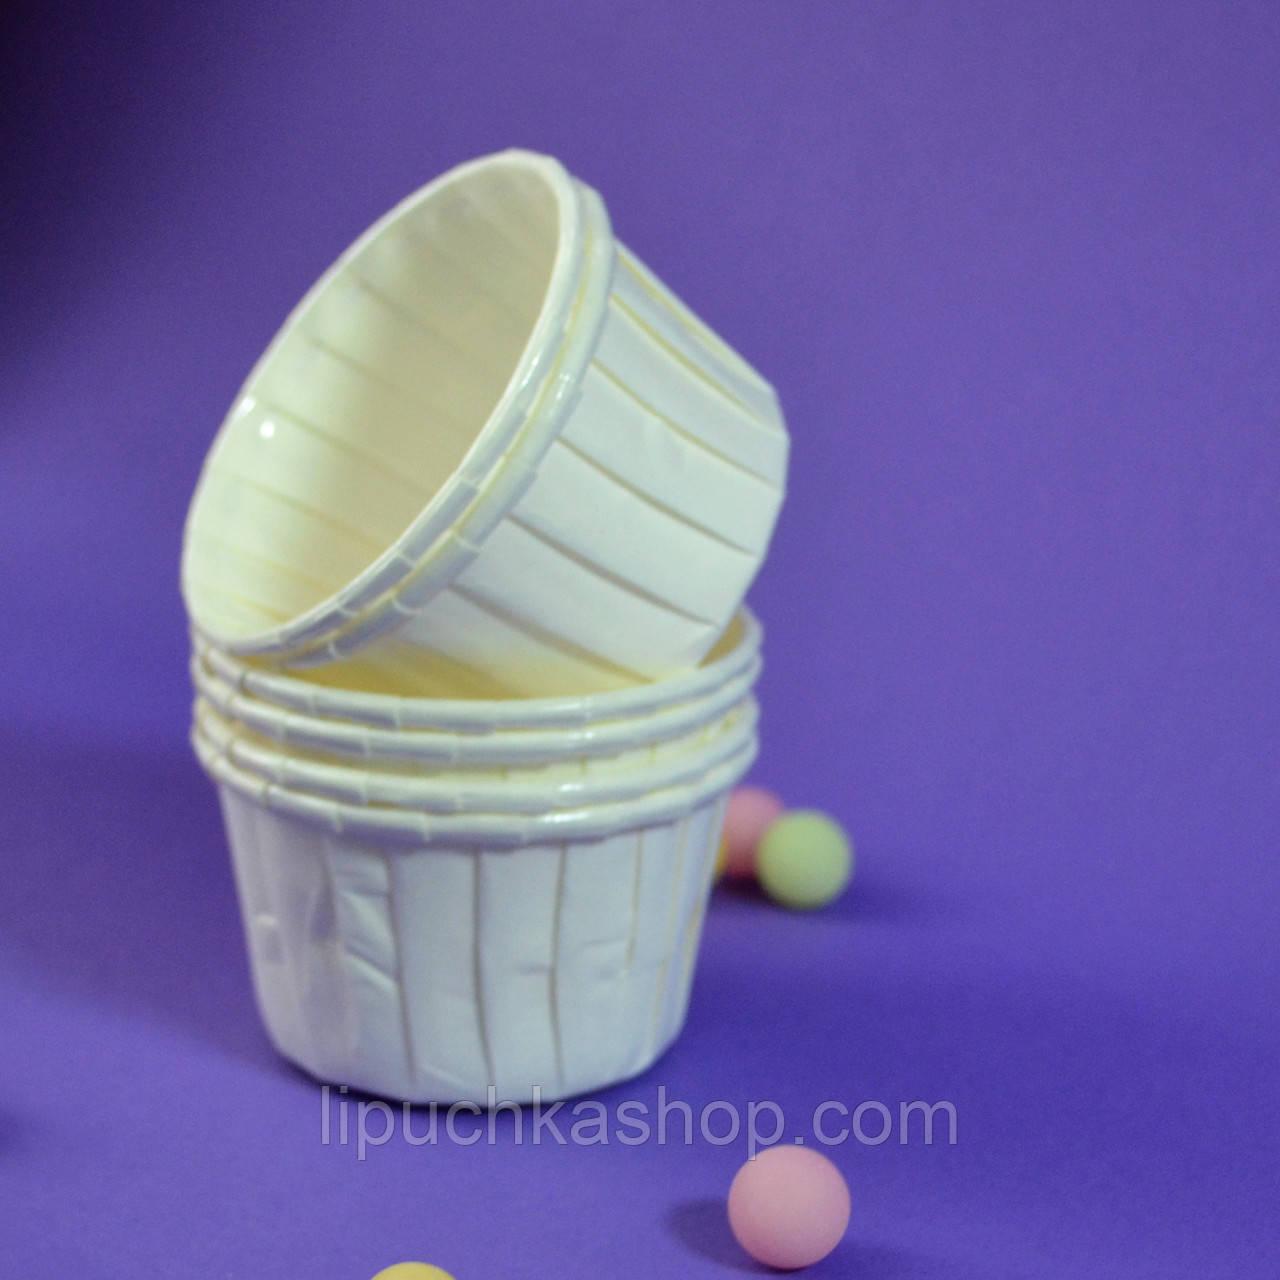 Капсула плотная для кексов(капкейков) белая (10 шт.)